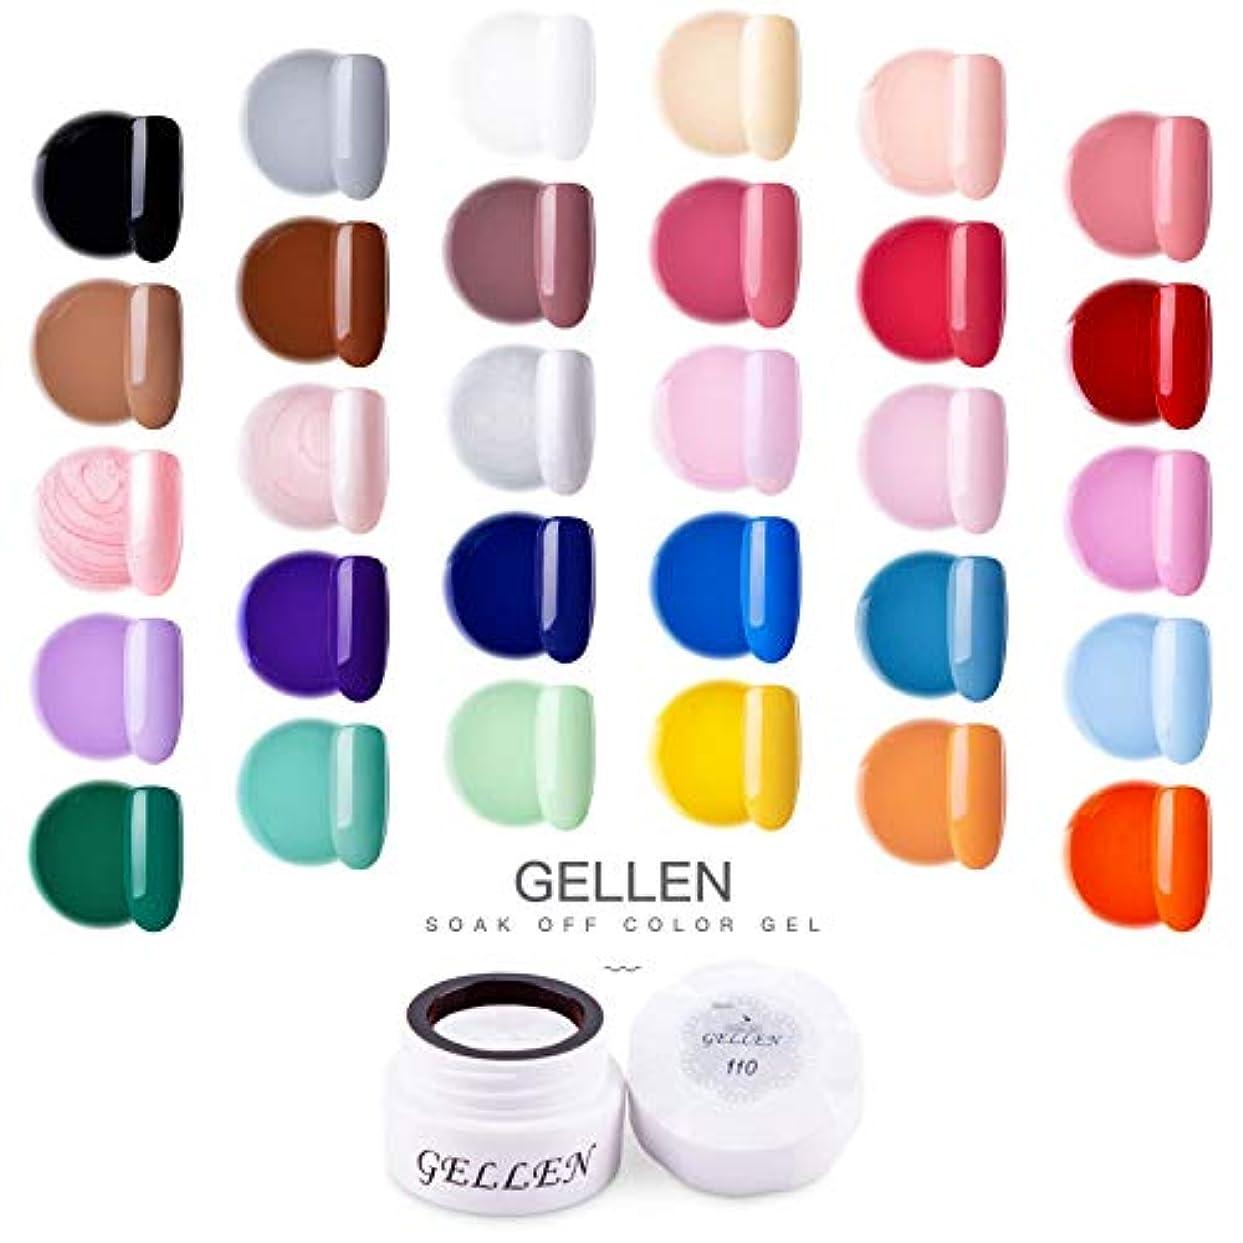 毎年驚くばかり移動するGellen カラージェル 30色定番カラー セット 高品質 5g ジェルネイル カラー ネイルブラシ付き